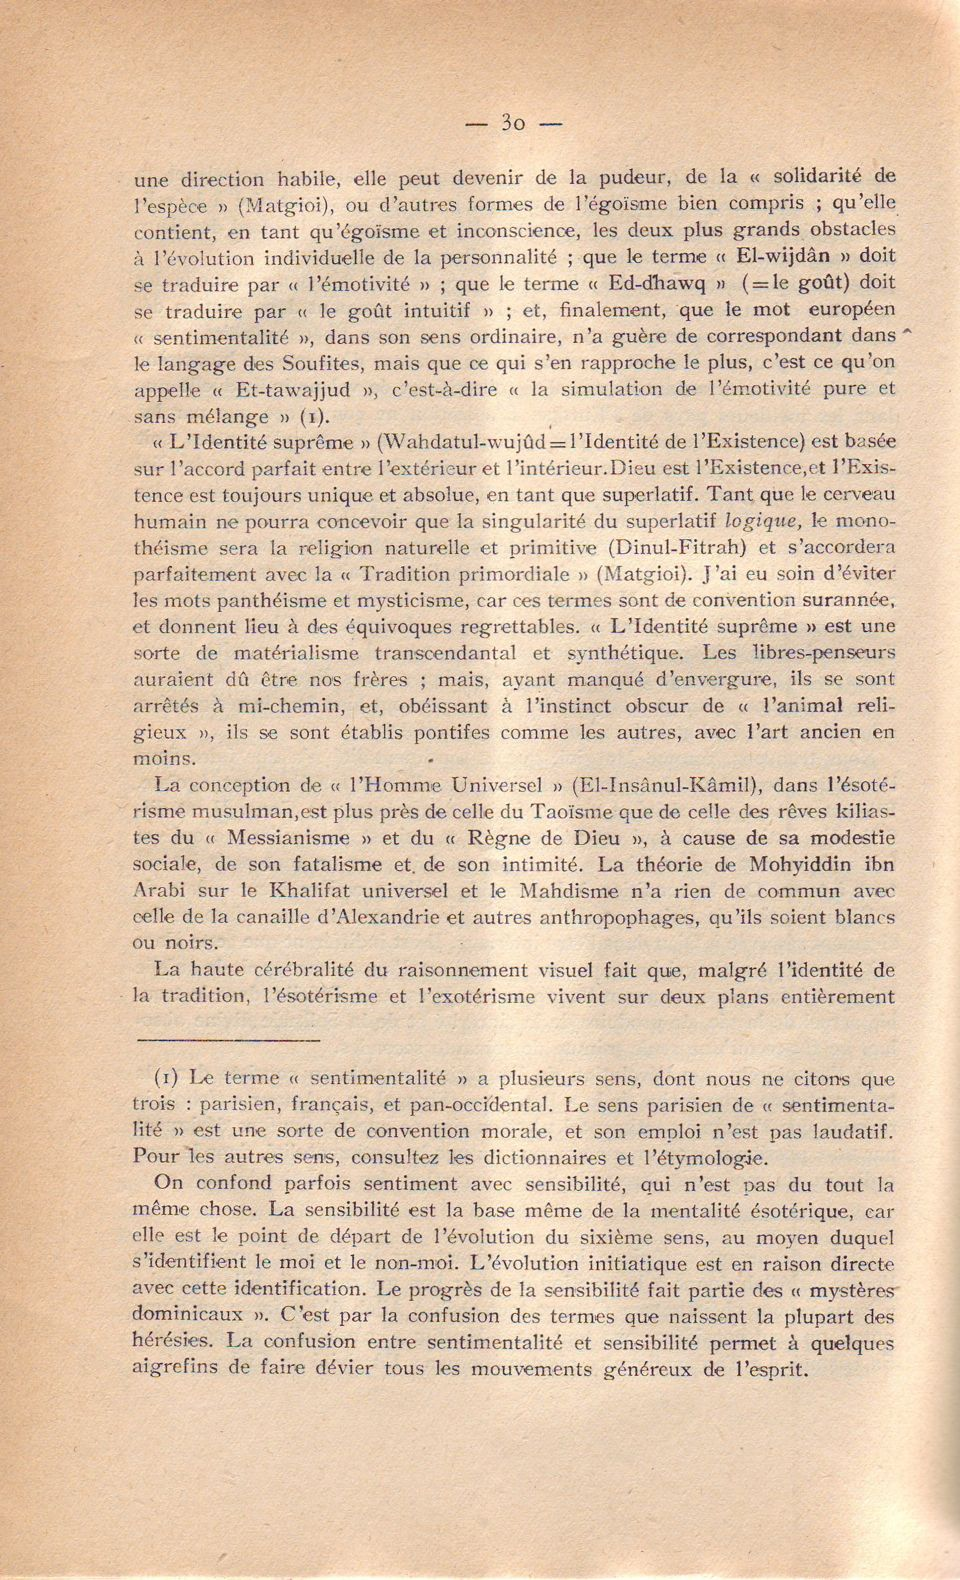 Pages..Mércure 3. 30